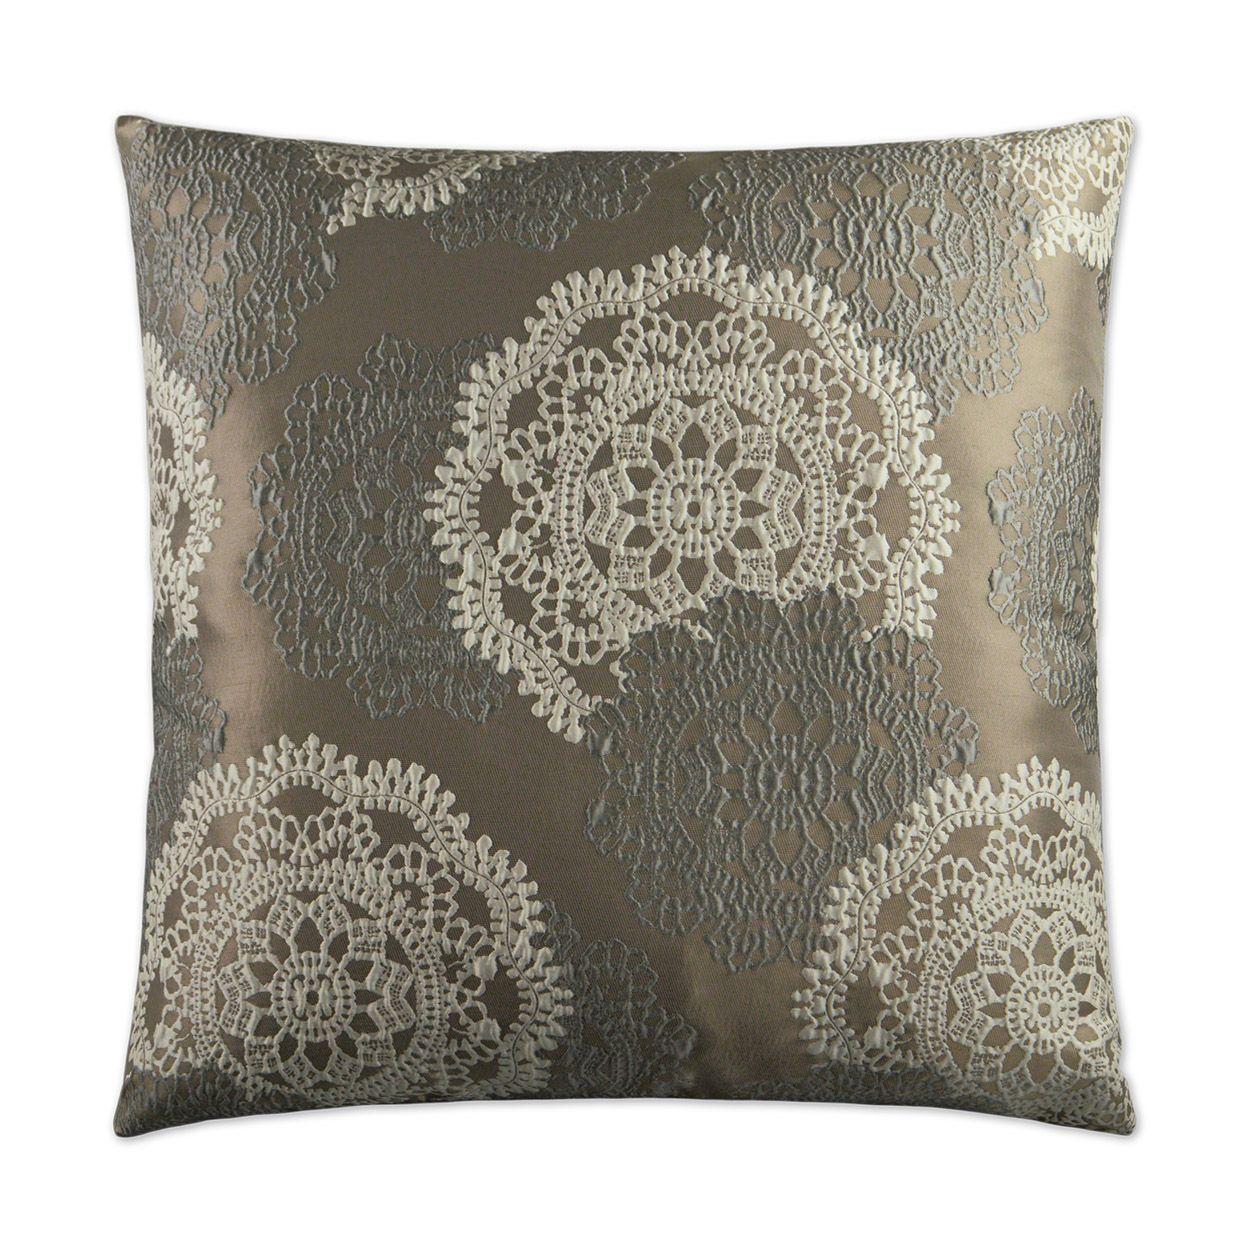 Big Lace Decorative Throw Pillows Throw Pillows Pillows